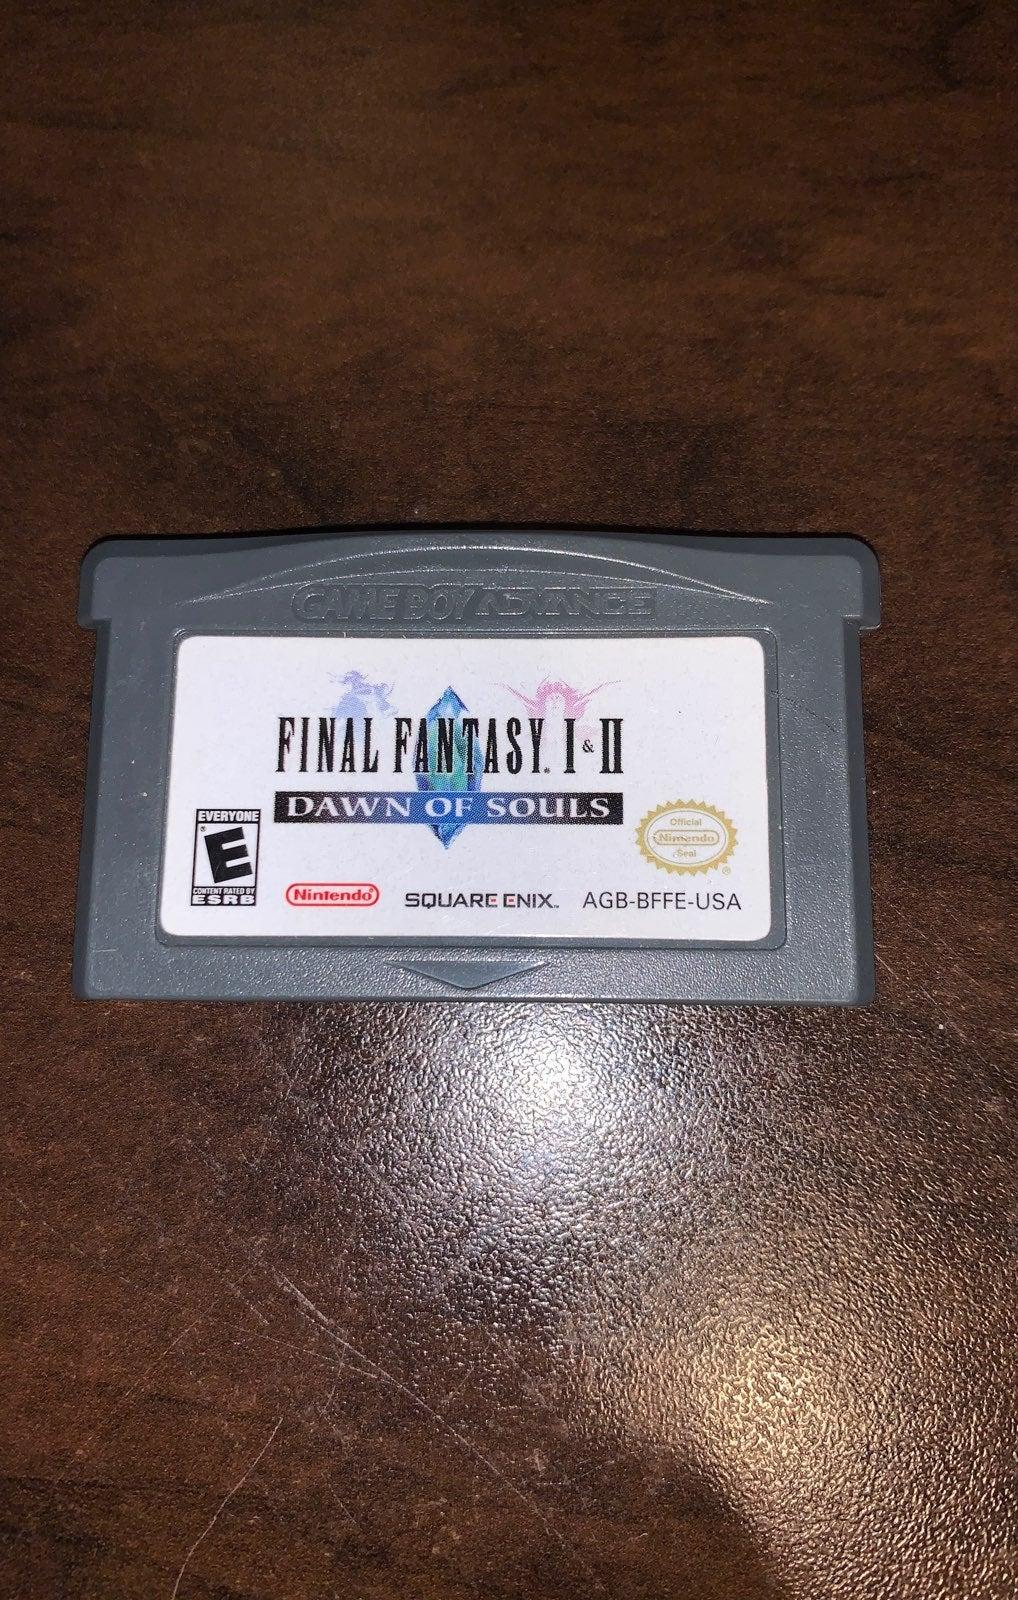 Final Fantasy 1 & 2 Dawn of Souls - Cart